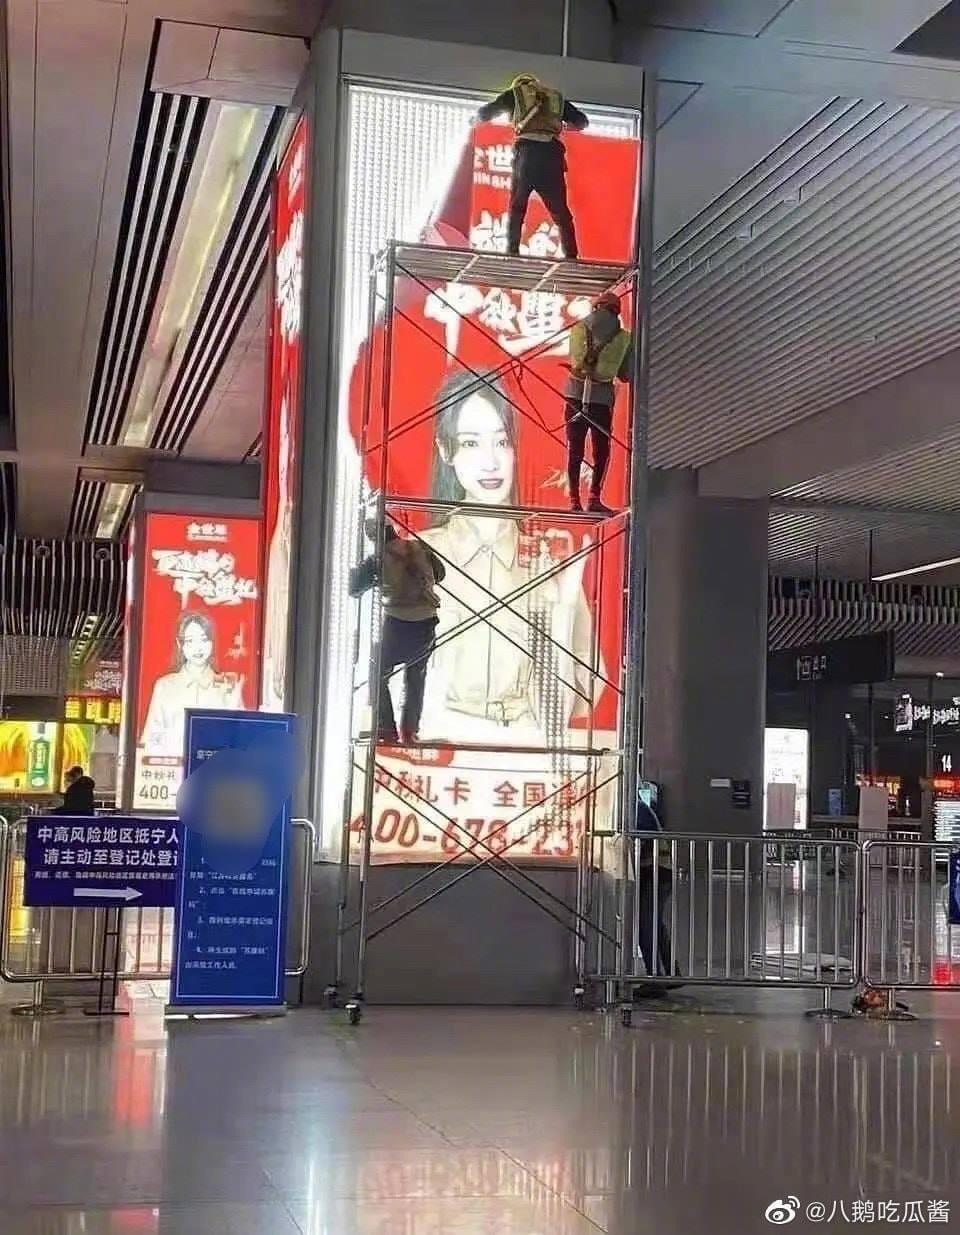 Trương Hằng ôm con khóc ngất giữa trời mưa tuyết trước biển quảng cáo Trịnh Sảng?